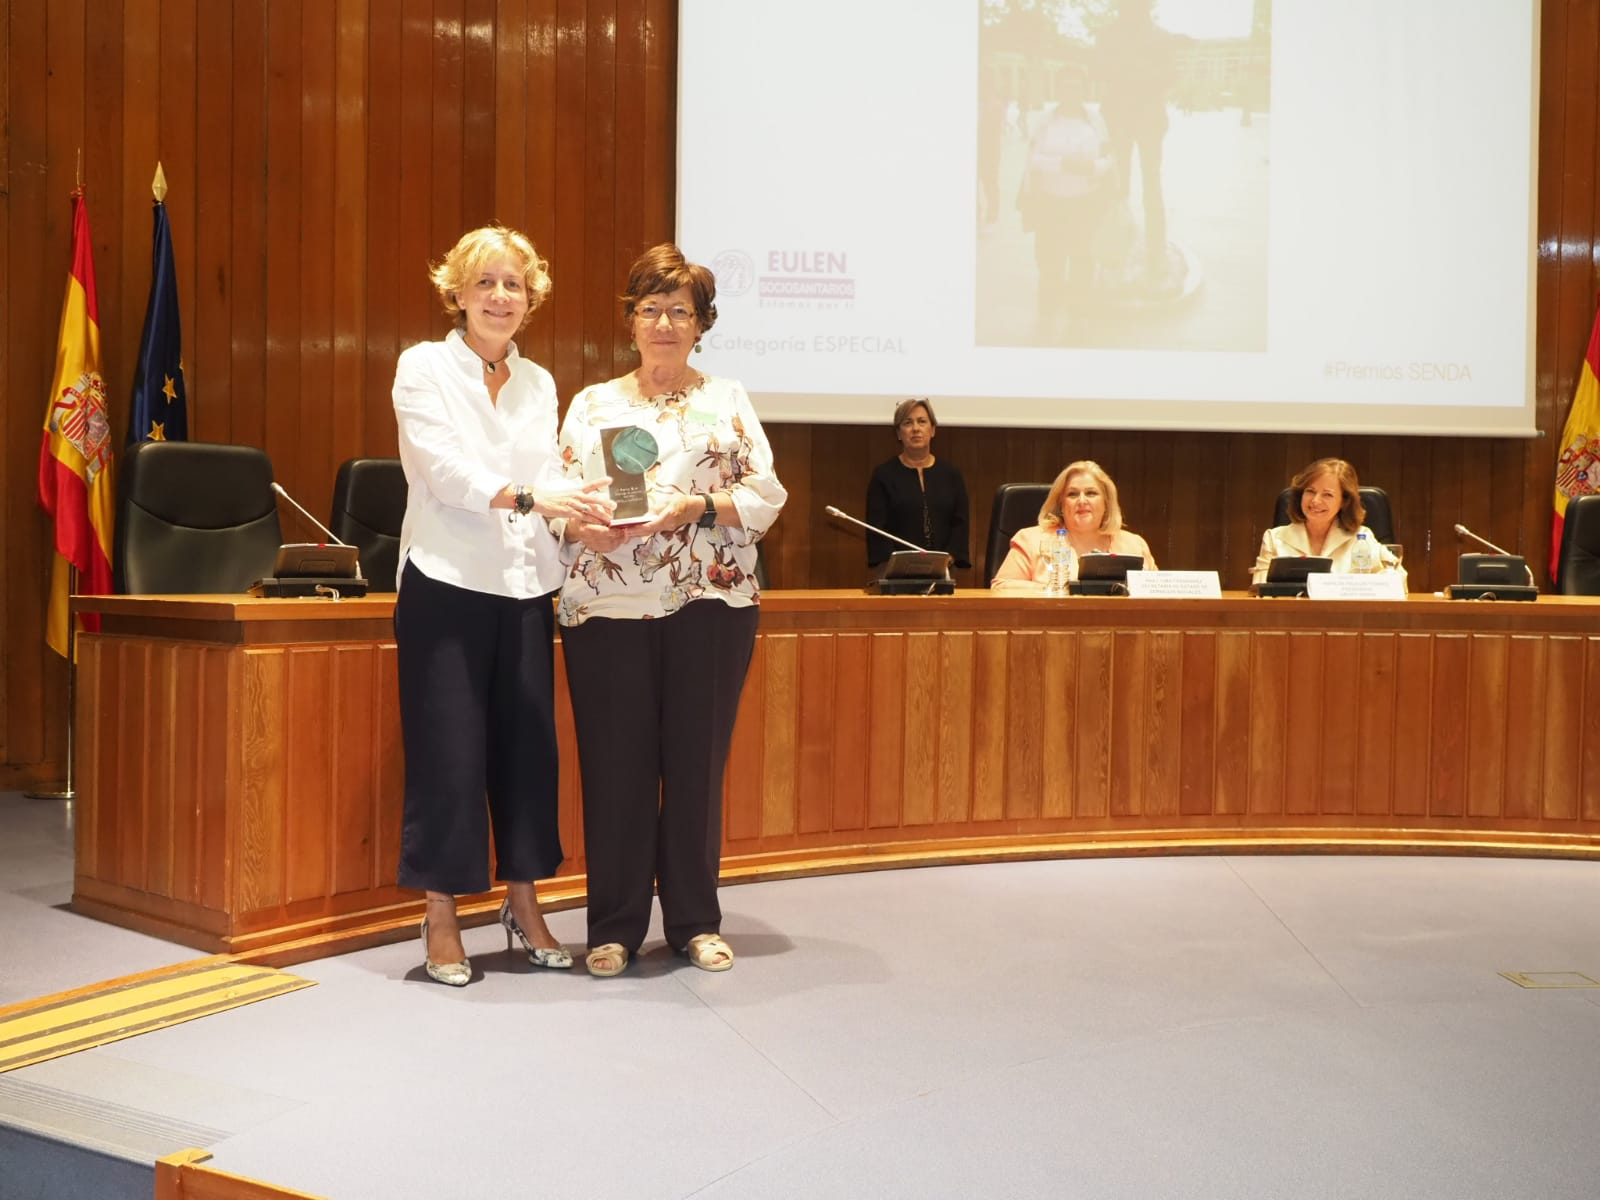 12 - Premio Eulen SENDA